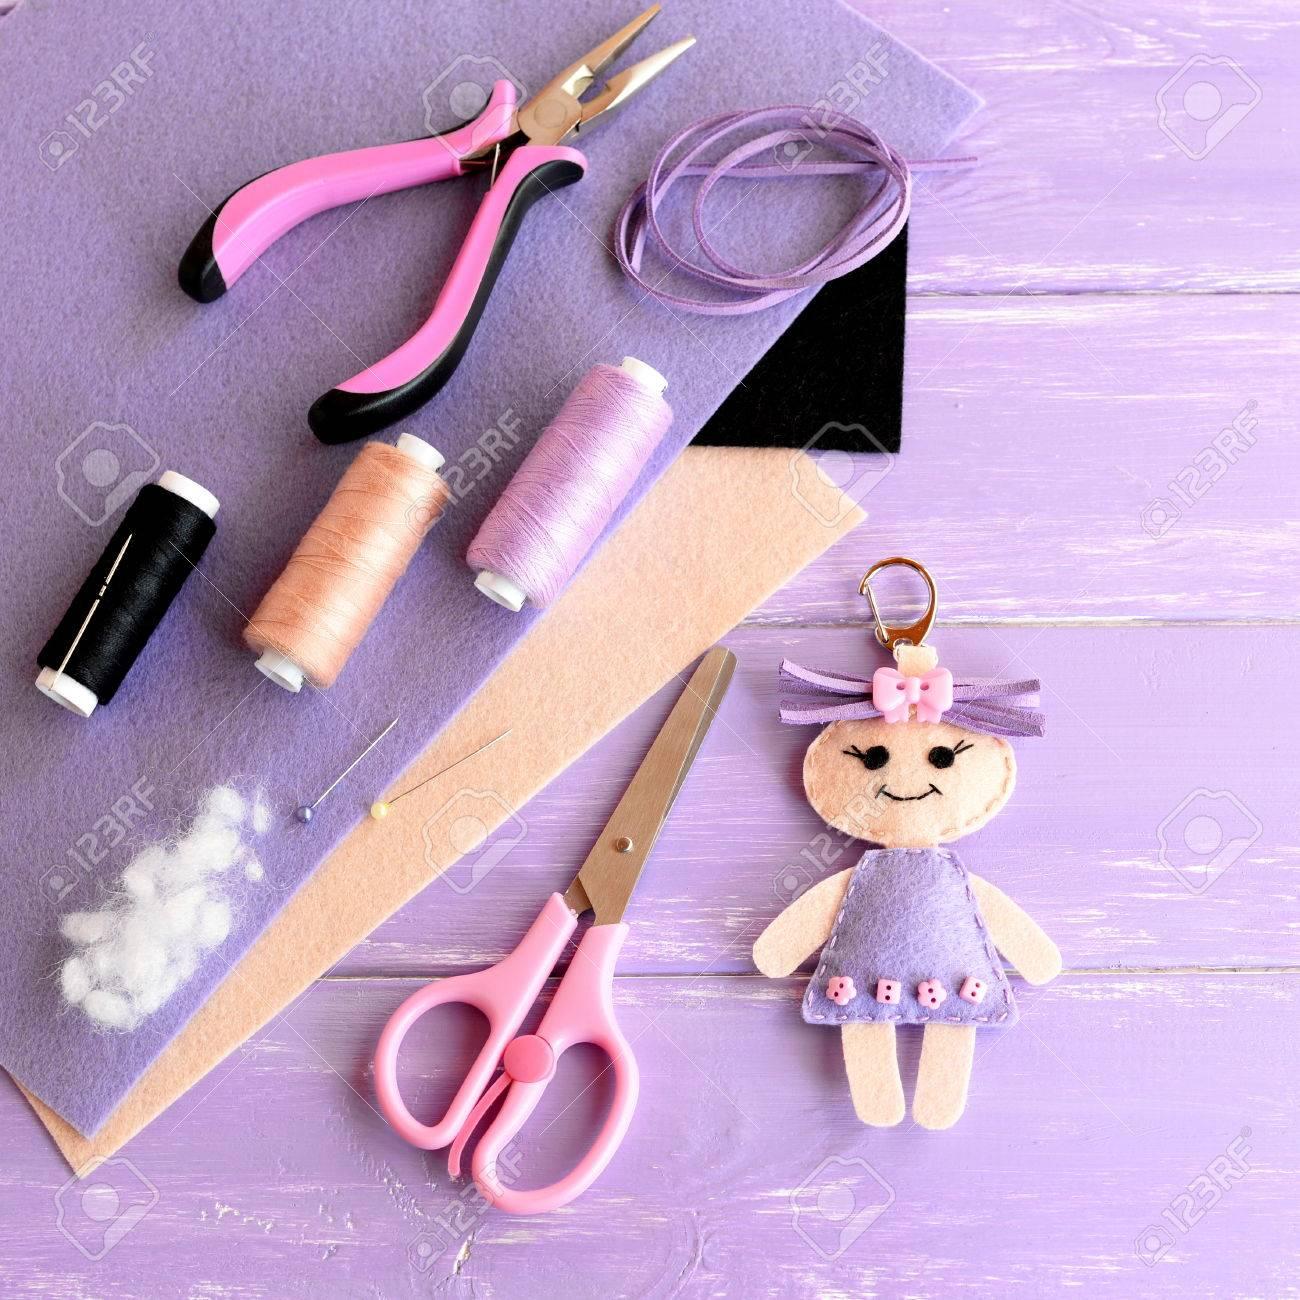 idée créative pour les enfants. feutre poupée porte-clés, ciseaux